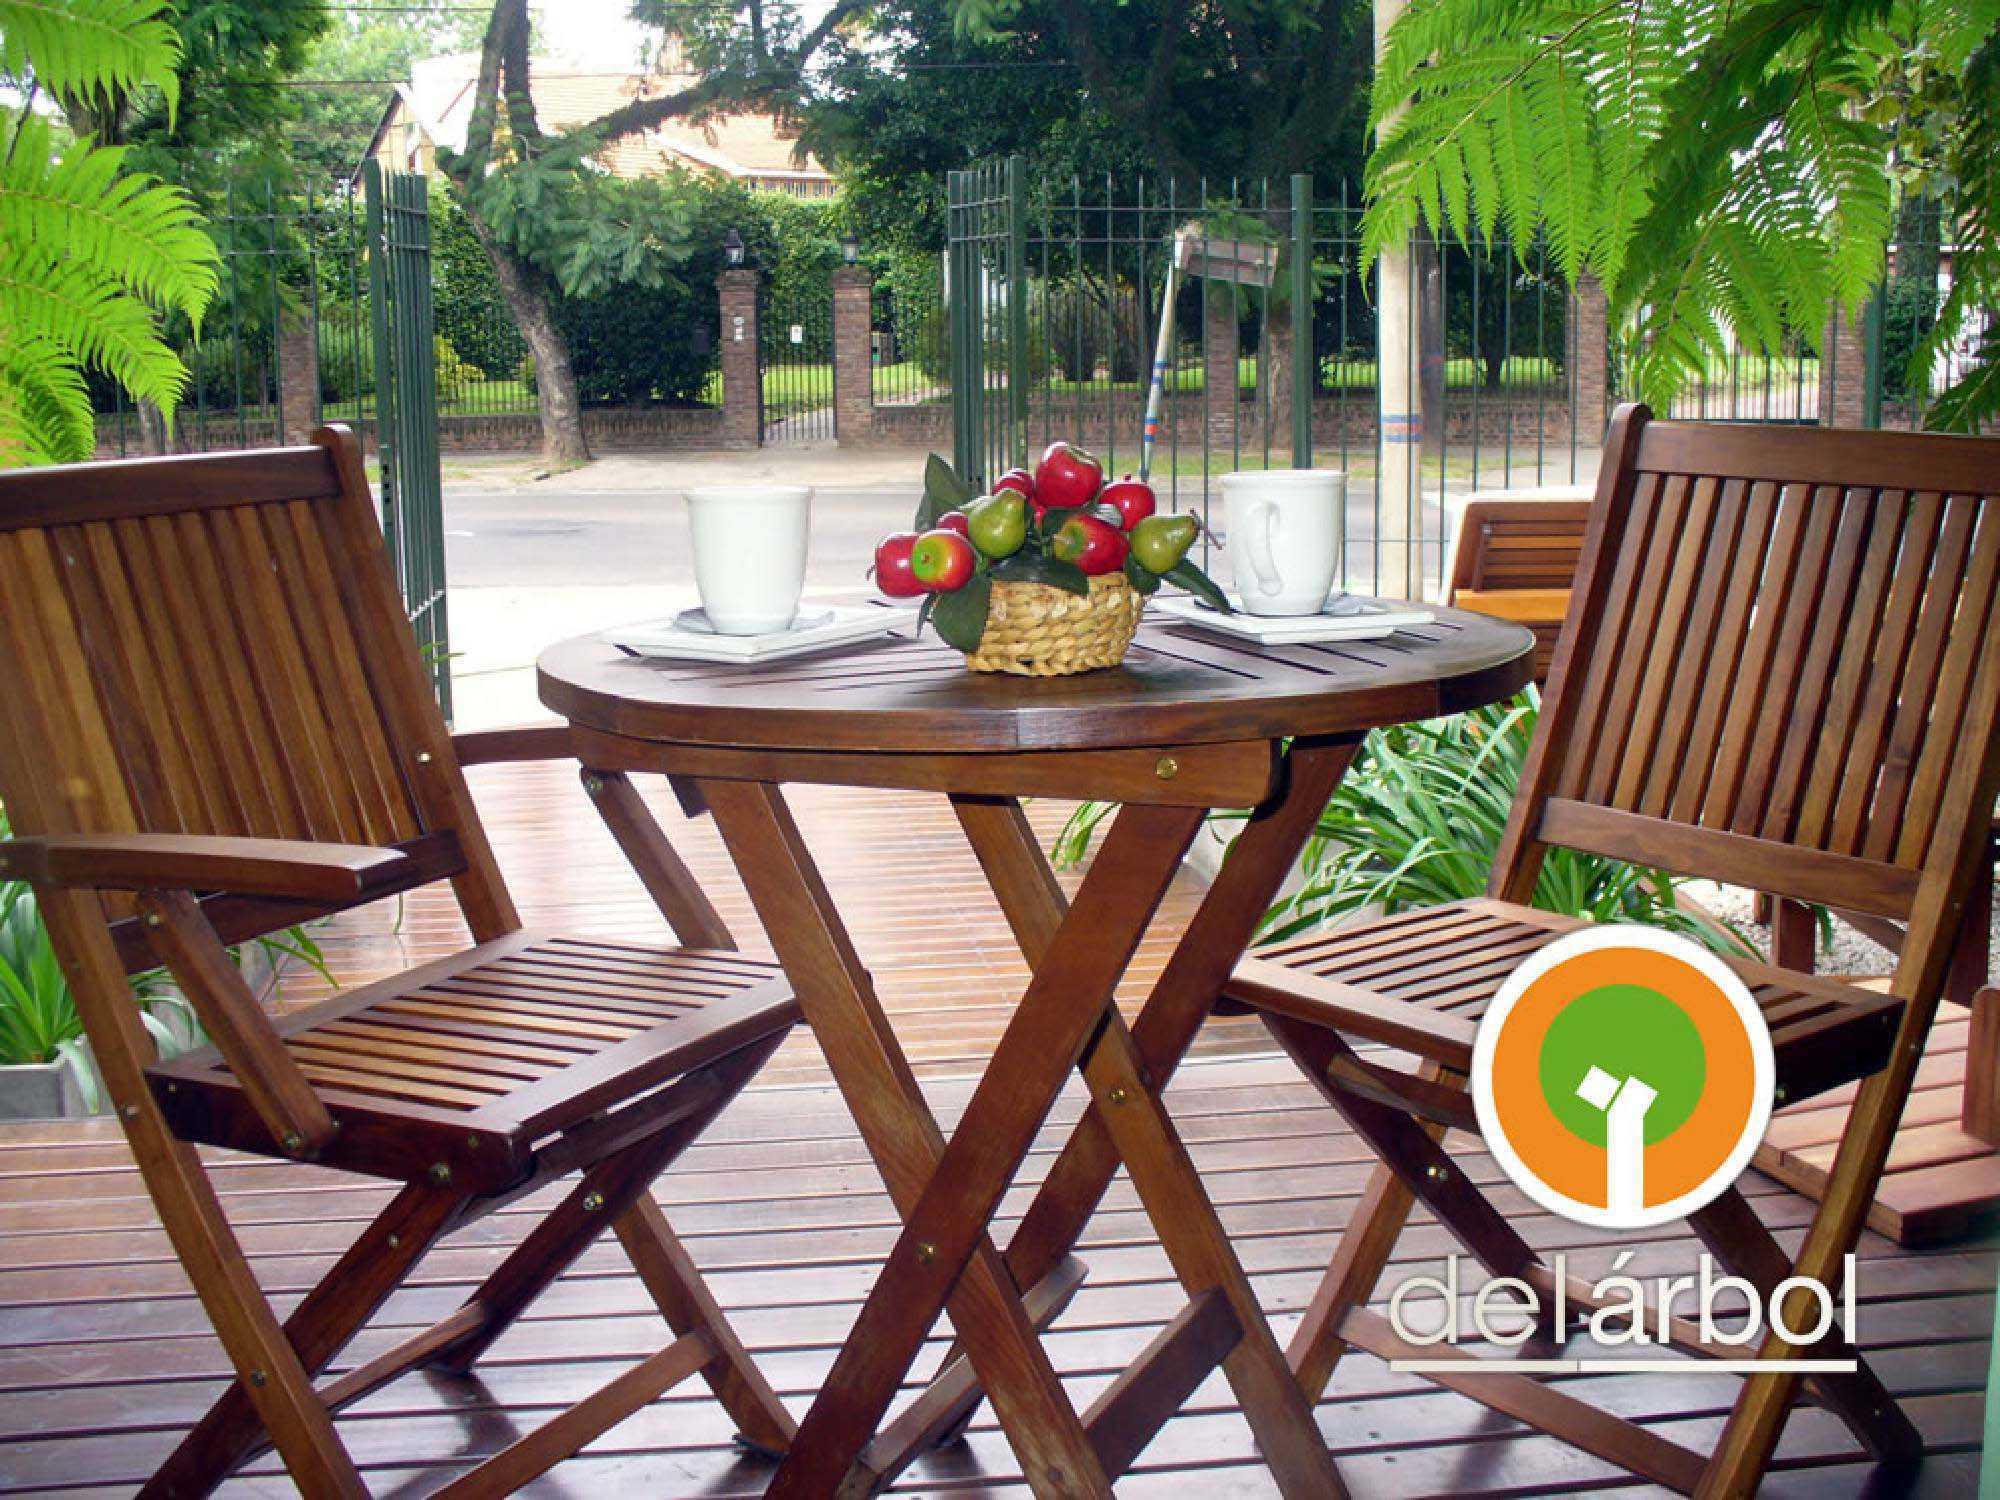 Silla carri de madera para jard n y exterior del arbol - Sillas madera jardin ...